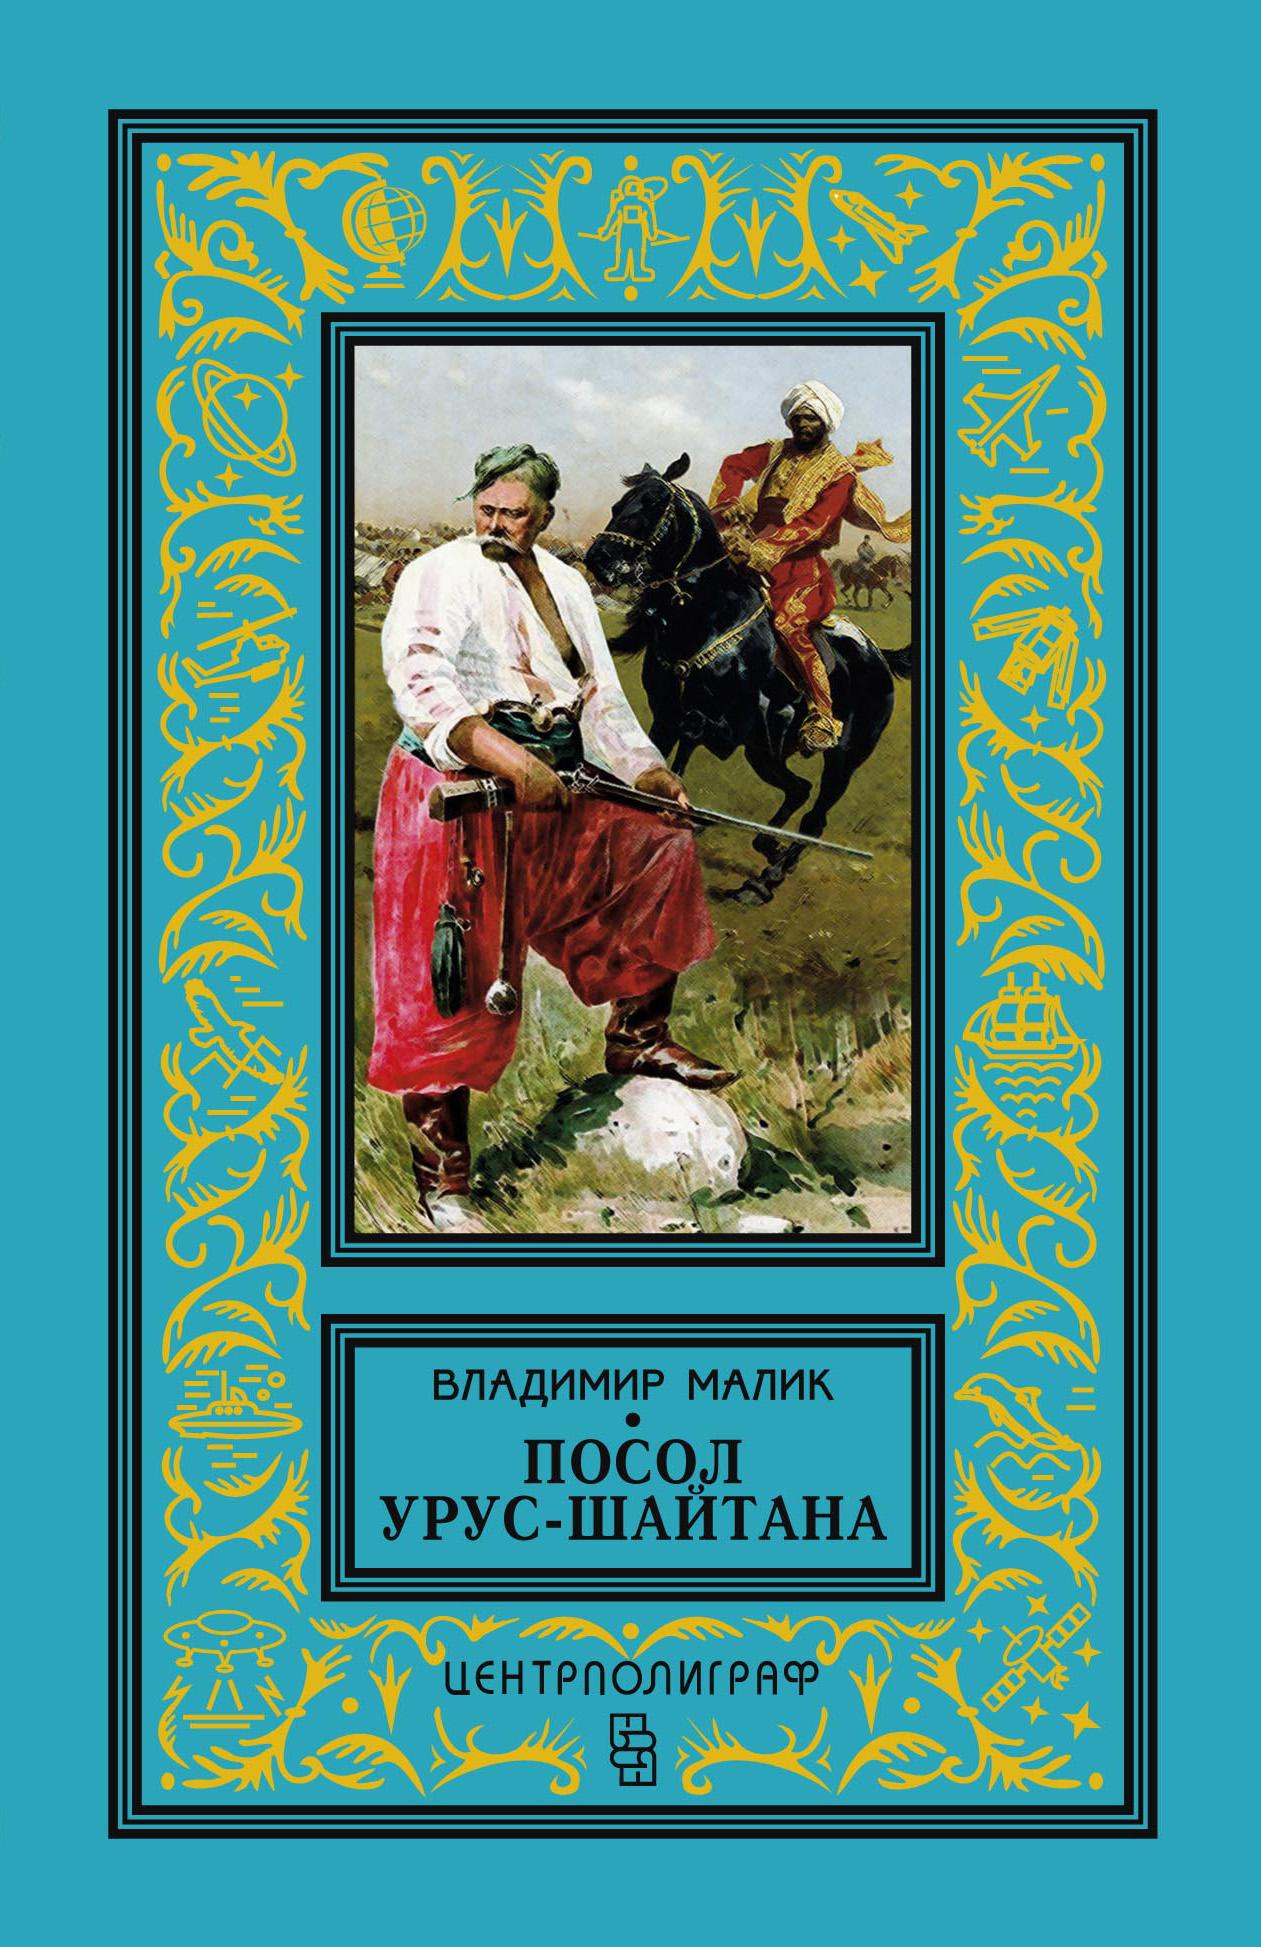 posol urus shaytana